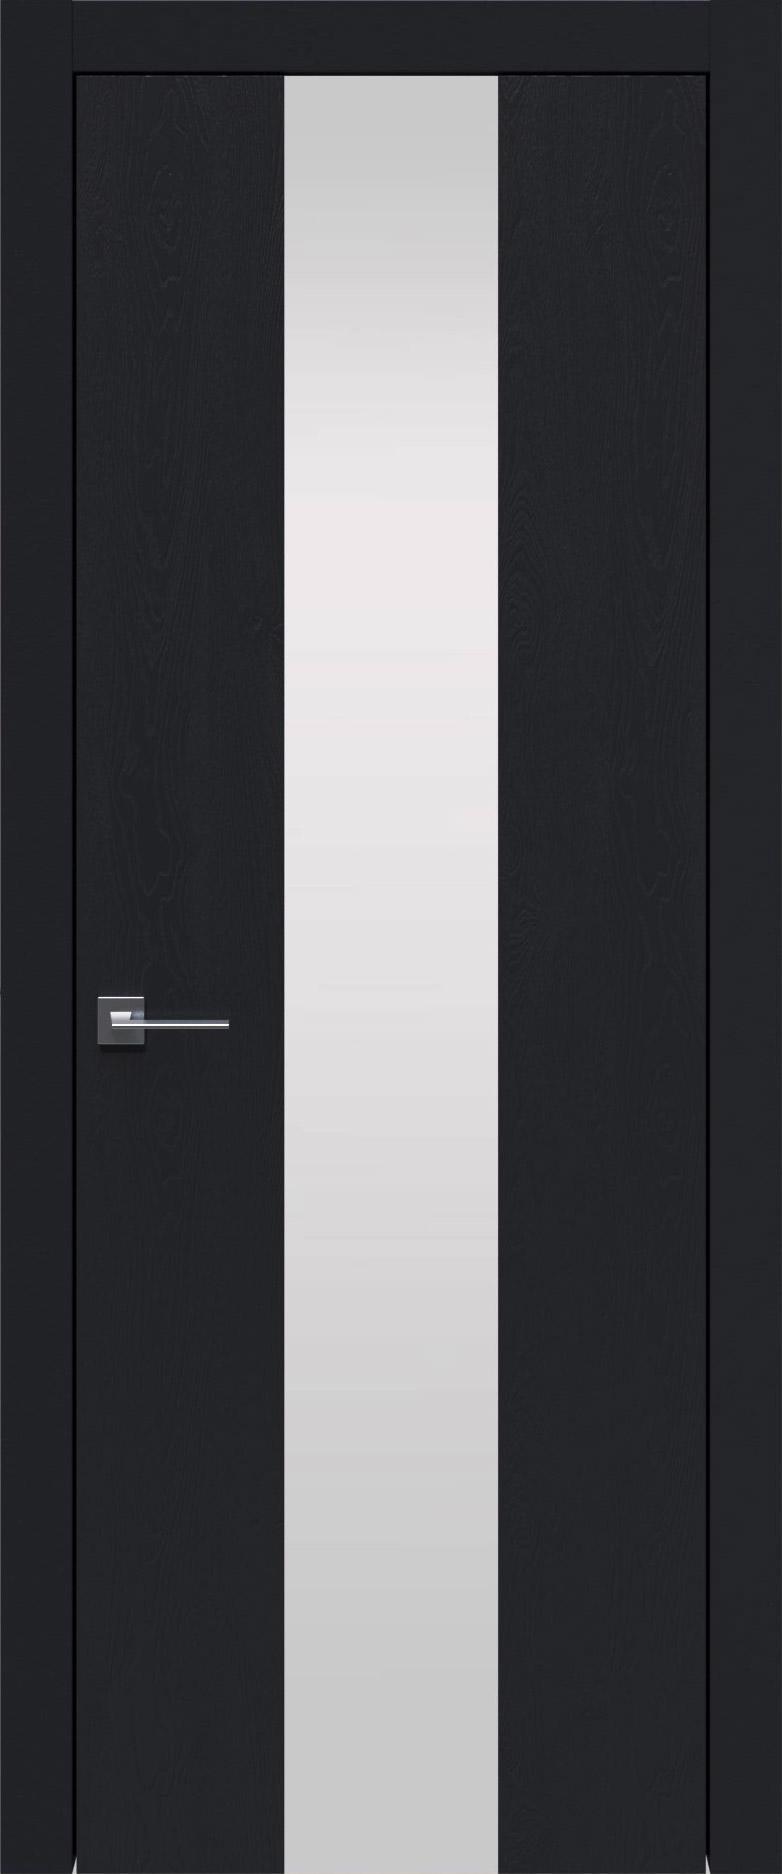 Tivoli Ж-1 цвет - Черная эмаль по шпону (RAL 9004) Со стеклом (ДО)